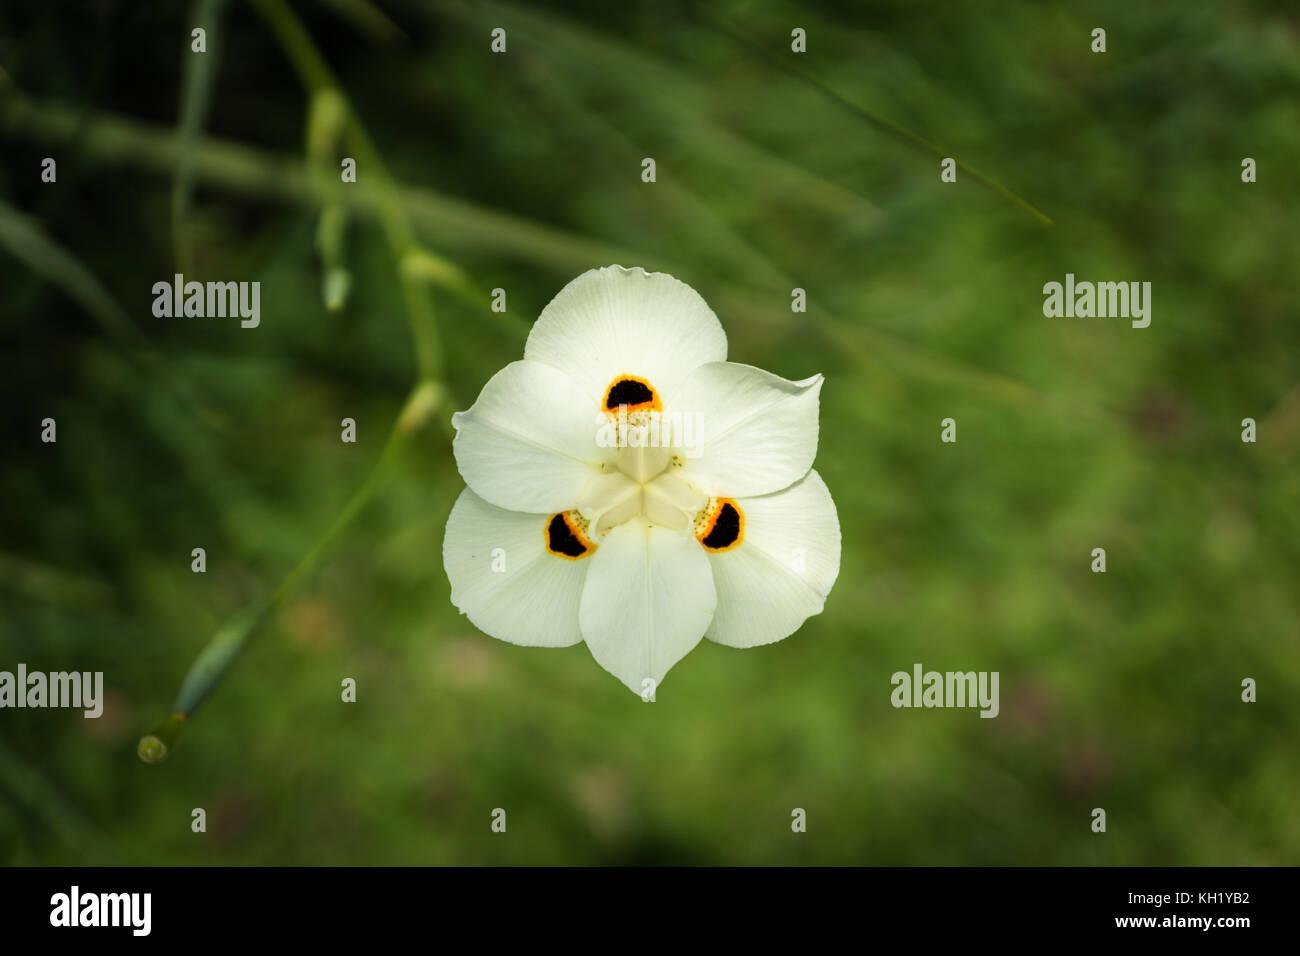 Blanc exotique fleur sauvage en Indonésie, l'environnement tropical Photo Stock